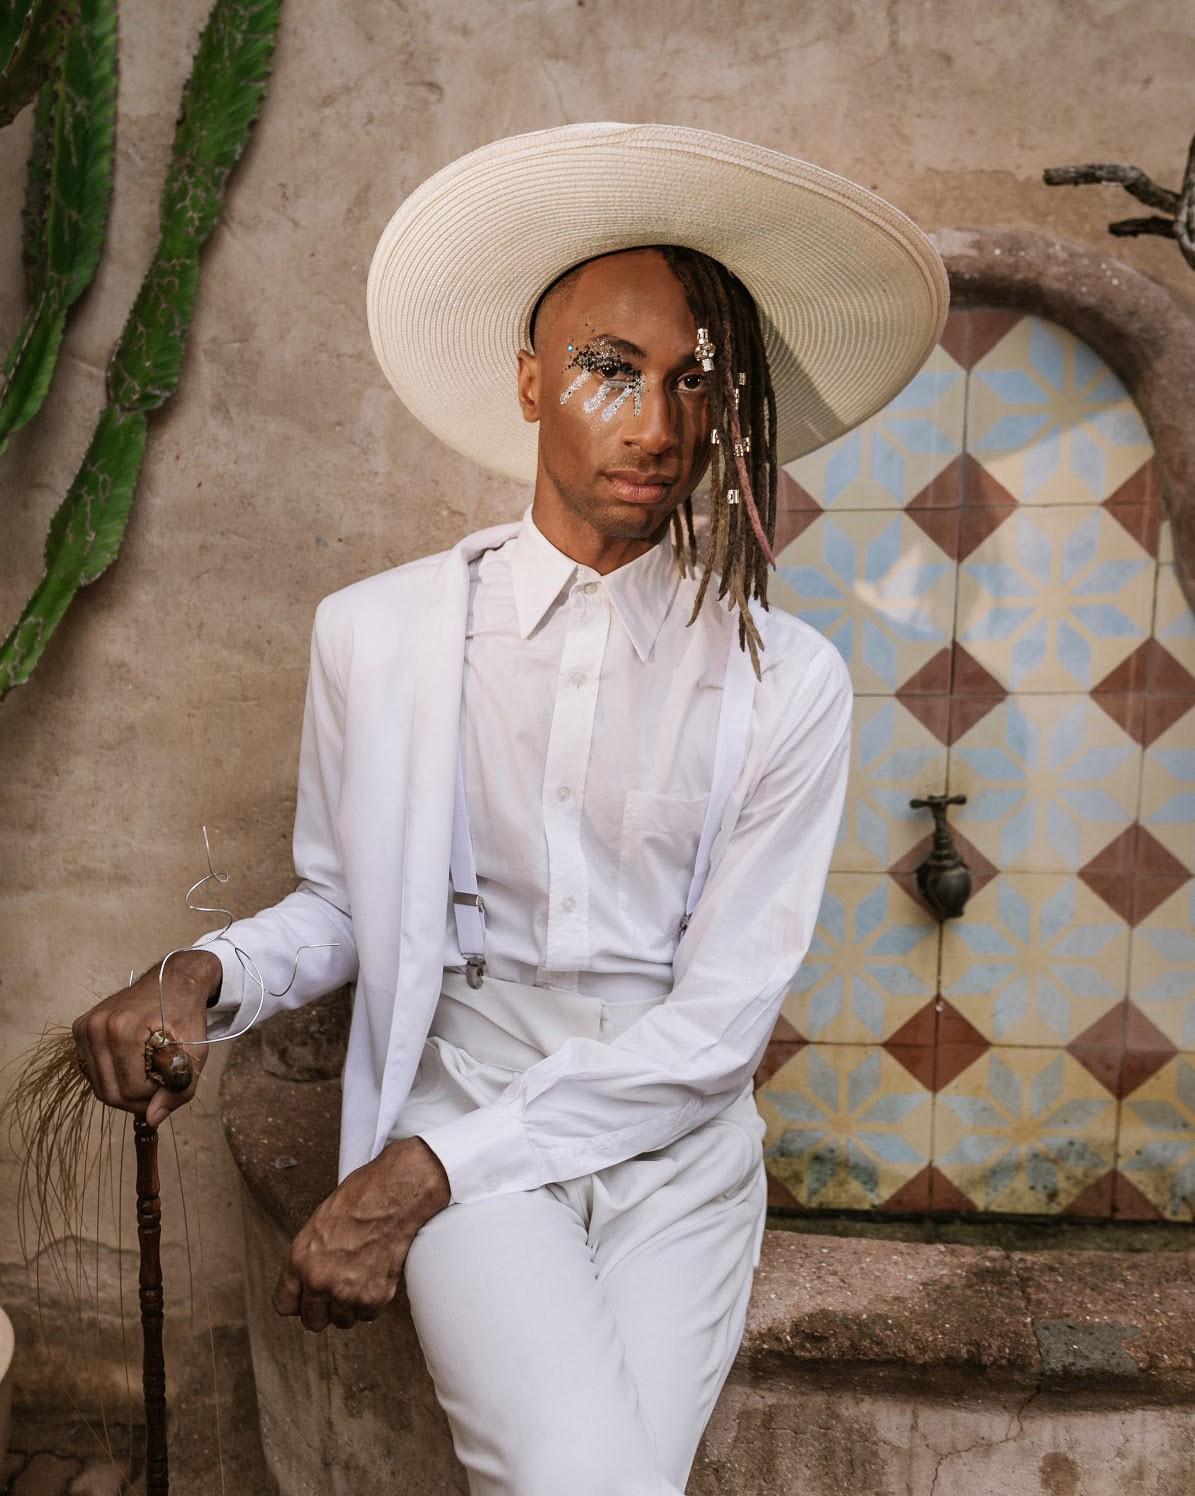 Caio Prado evoca raízes da árvore negra em 'Baobá', segundo single do álbum 'Griô'